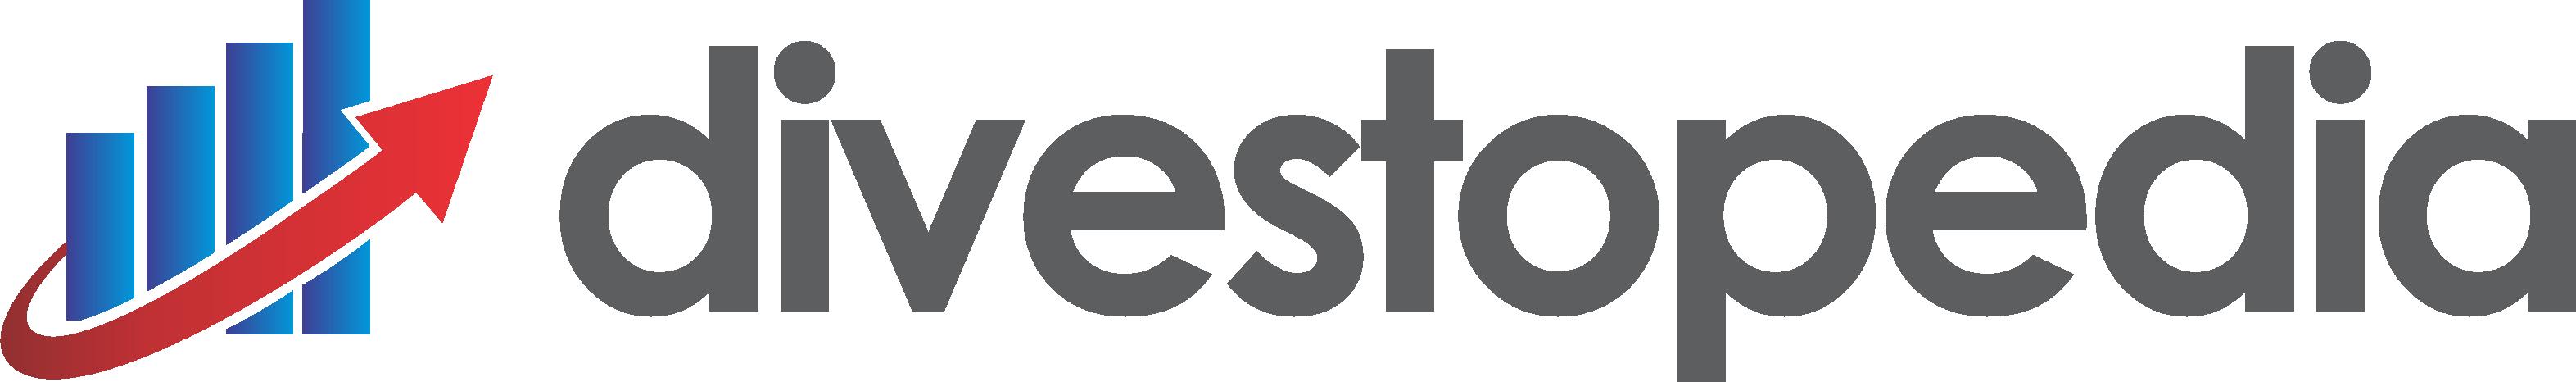 divestopedia logo